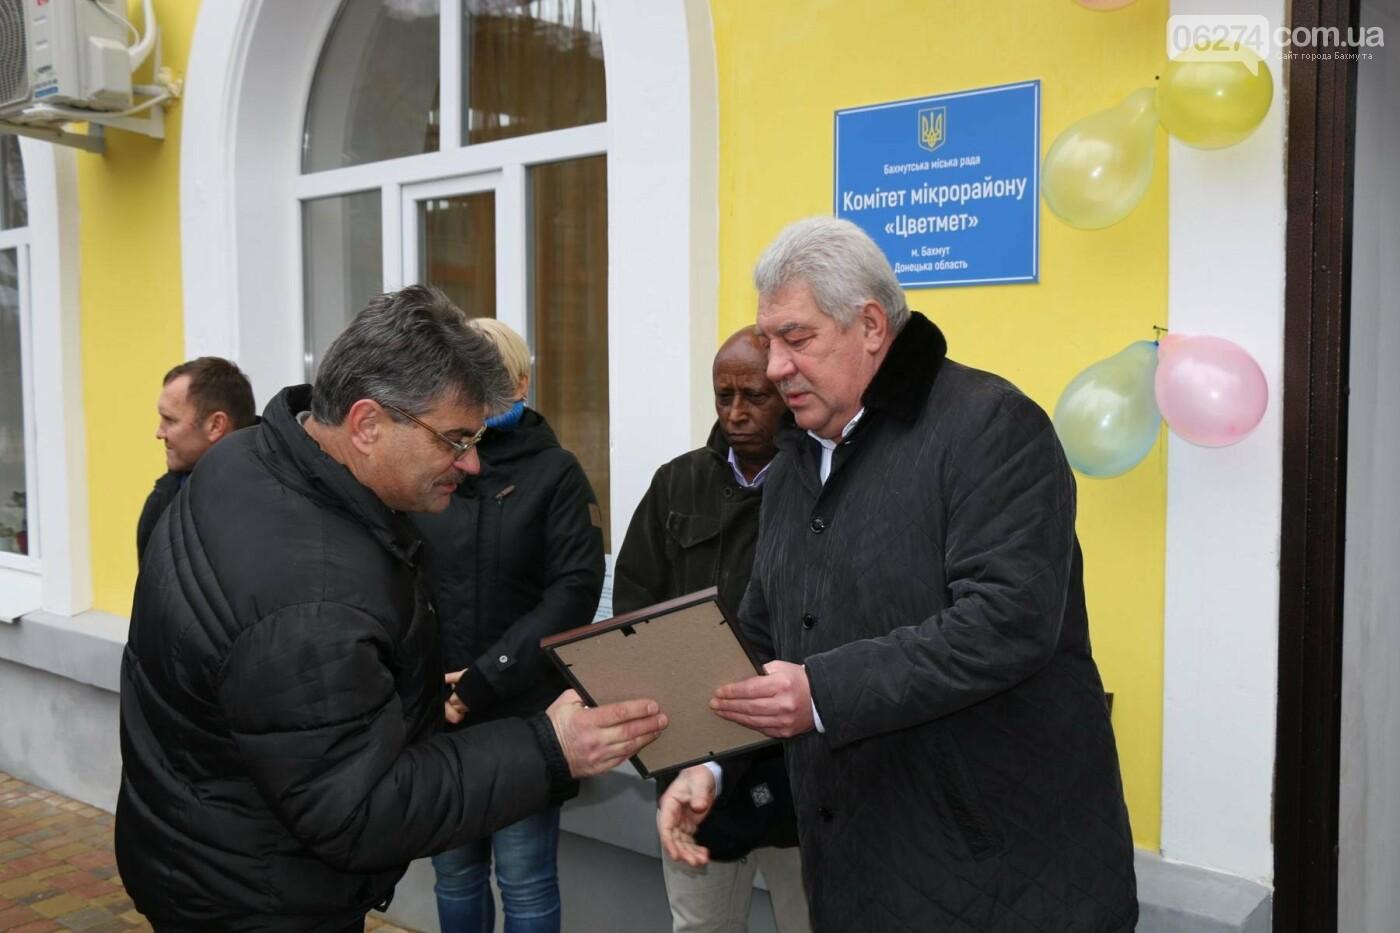 В Бахмуте открыли обновленное помещение комитета микрорайона «Цветмет», фото-5